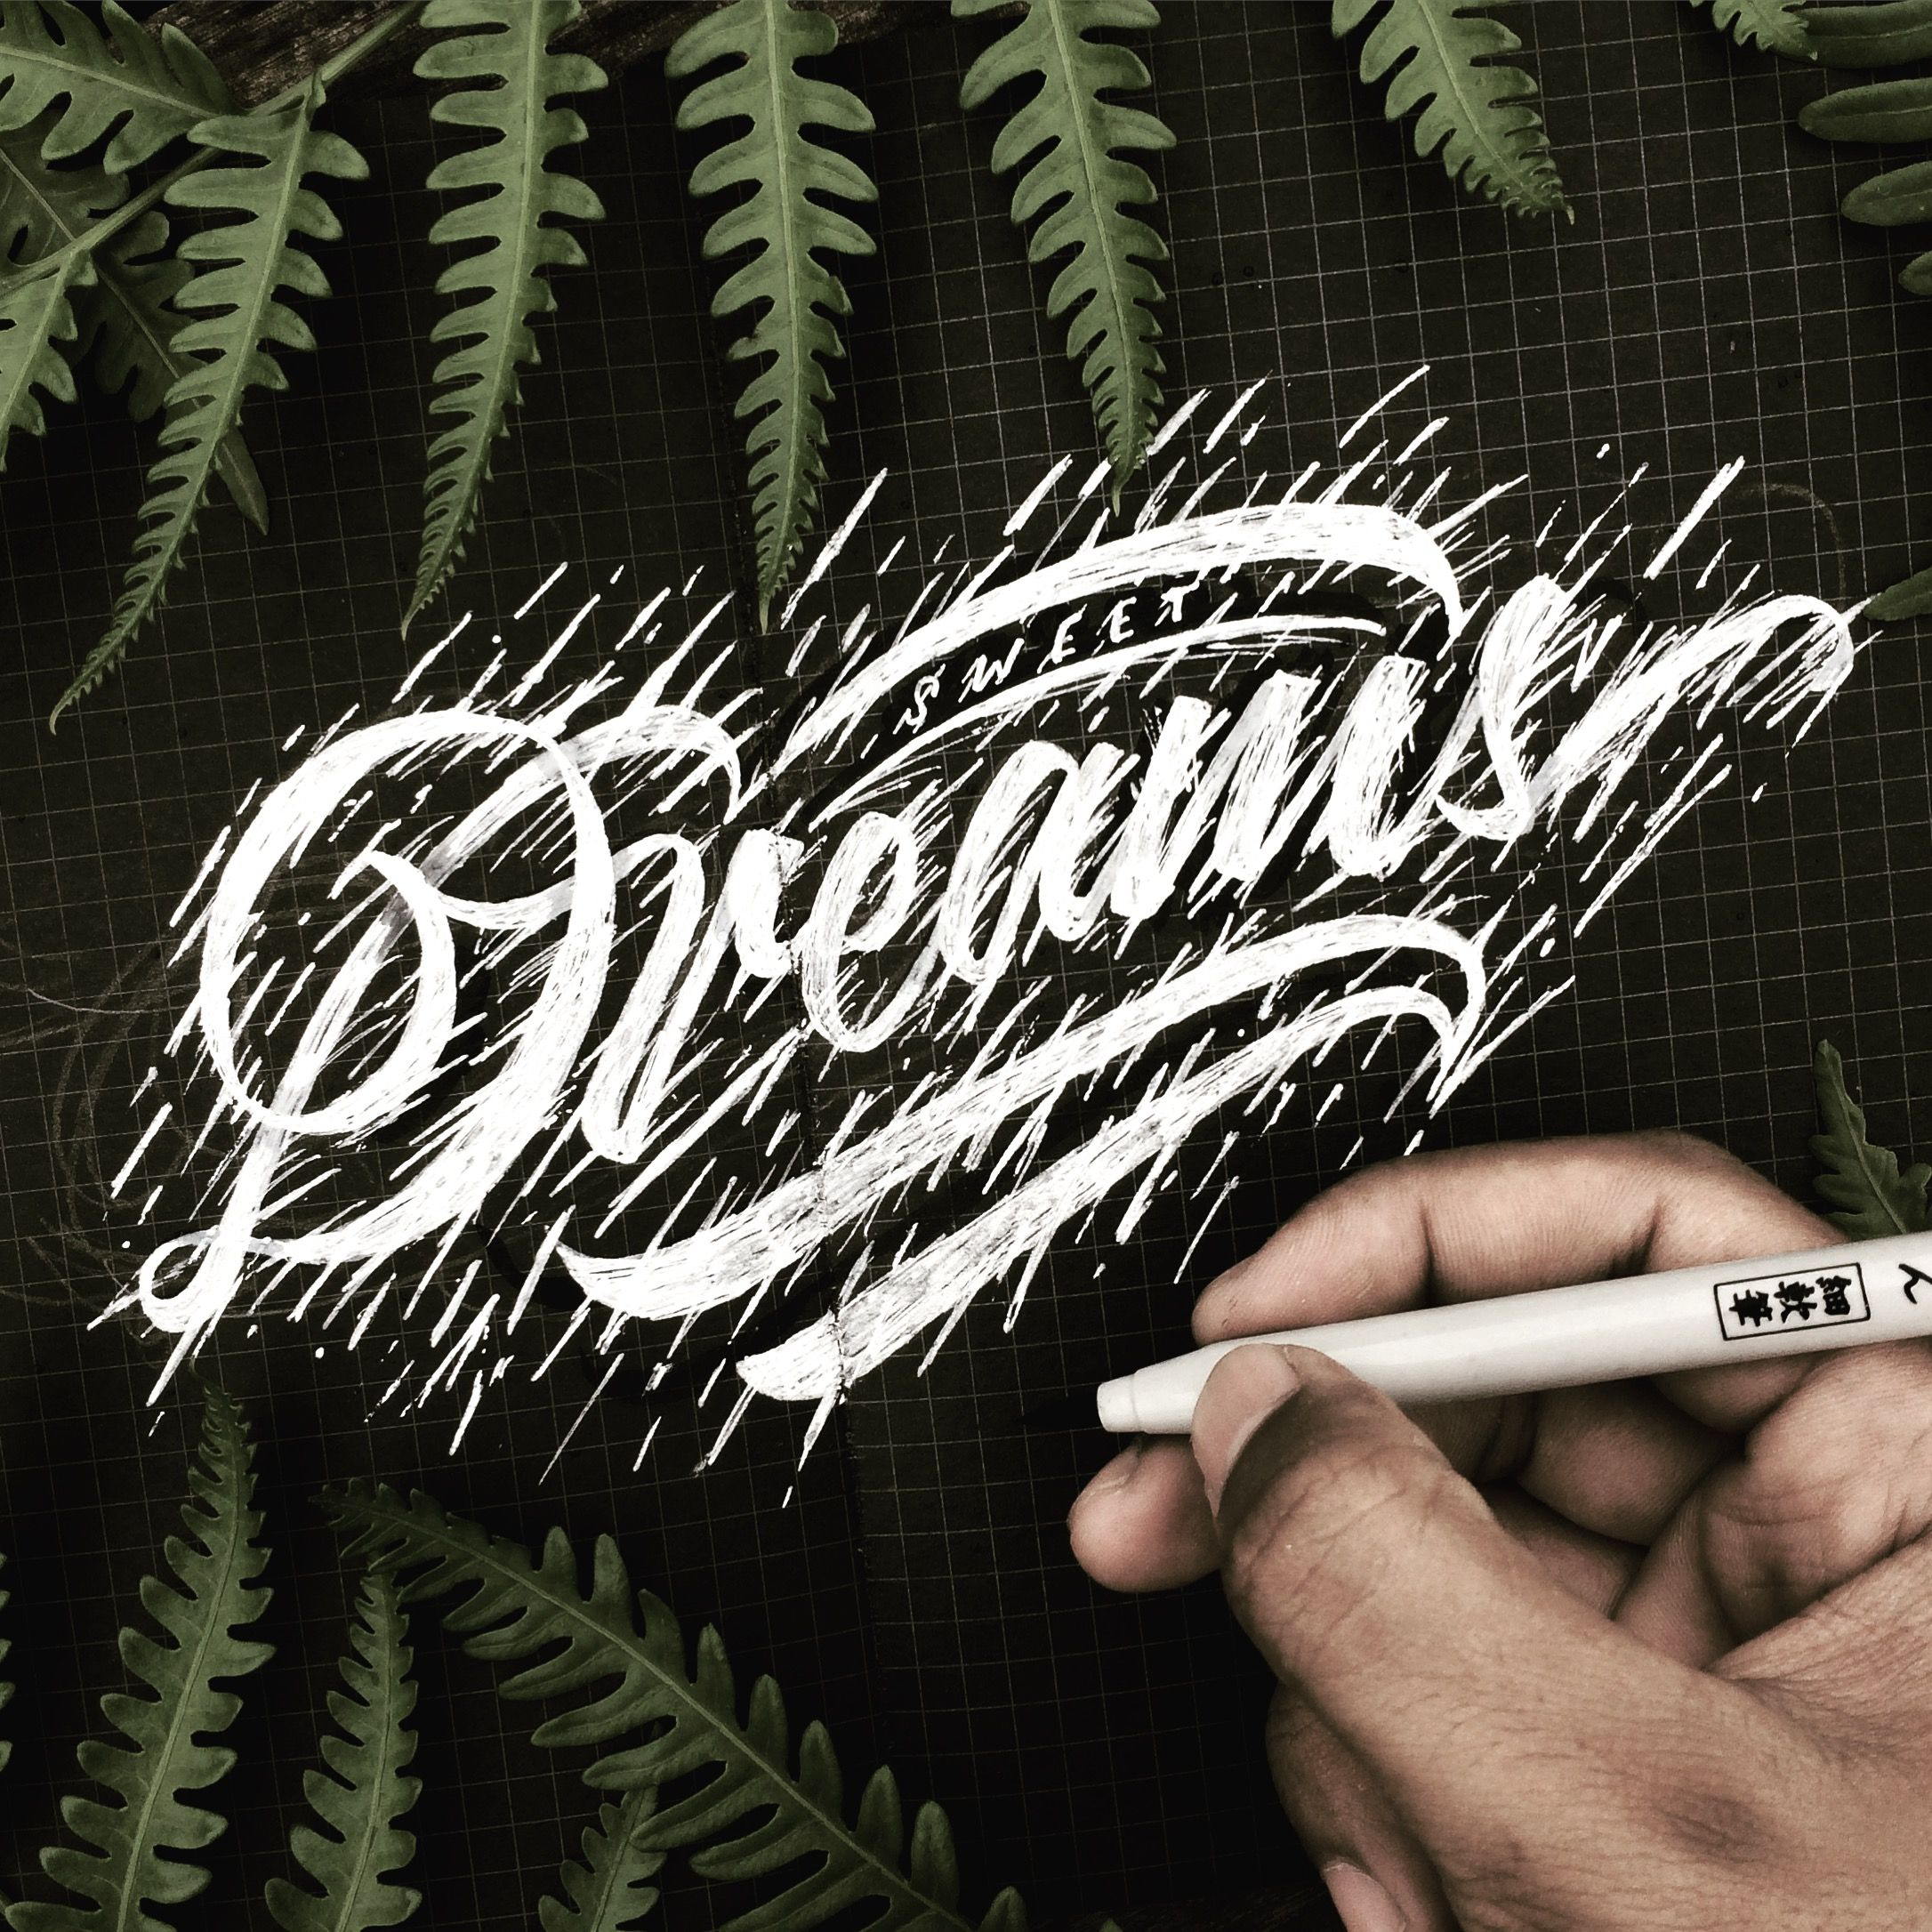 Sweet dreams 🌿🍃